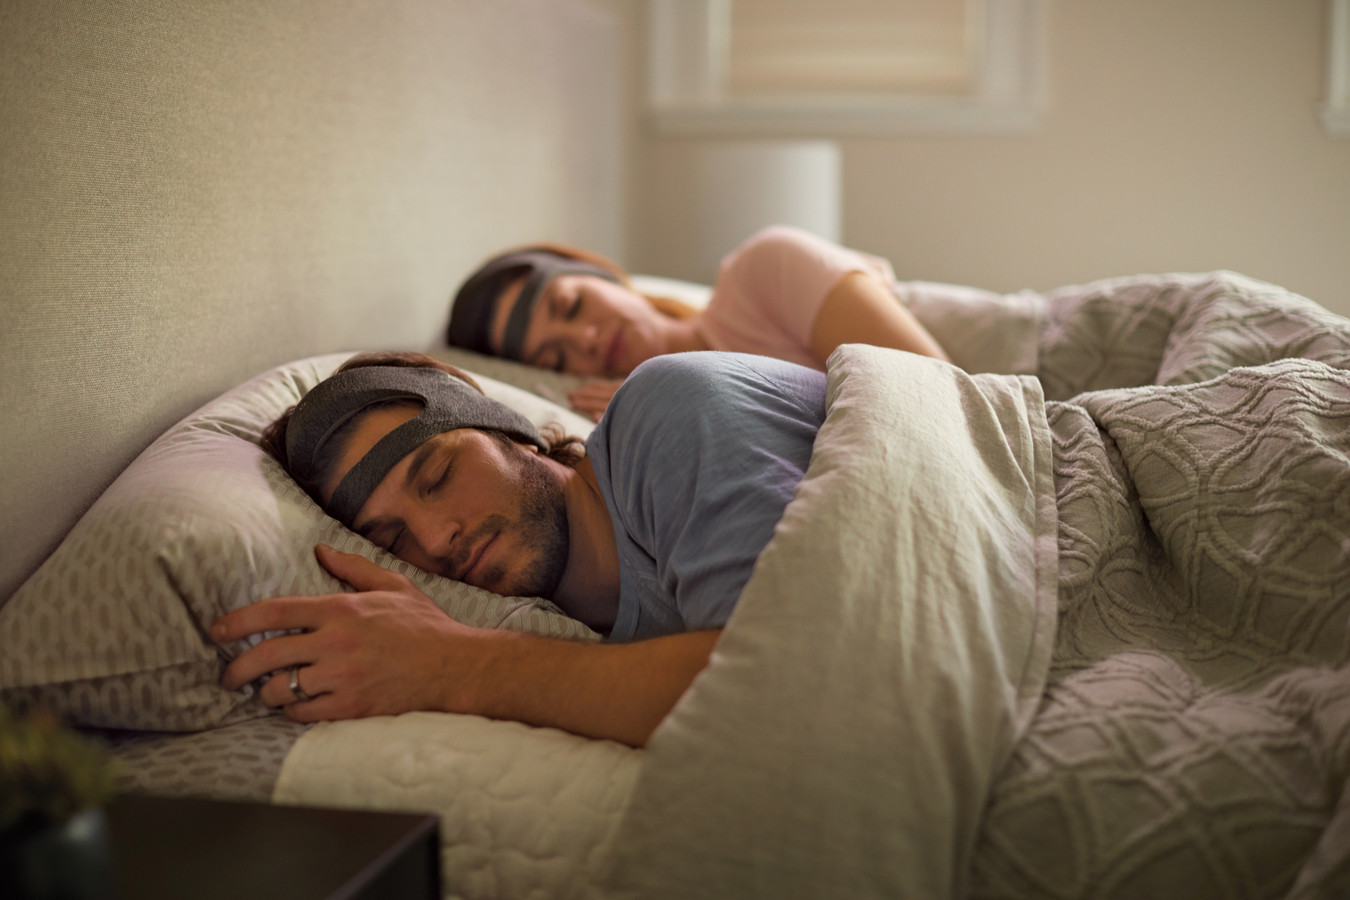 SmartSleep van Philips om de kwaliteit van de diepe slaap te verbeteren voor mensen die onvoldoende slaap krijgen.